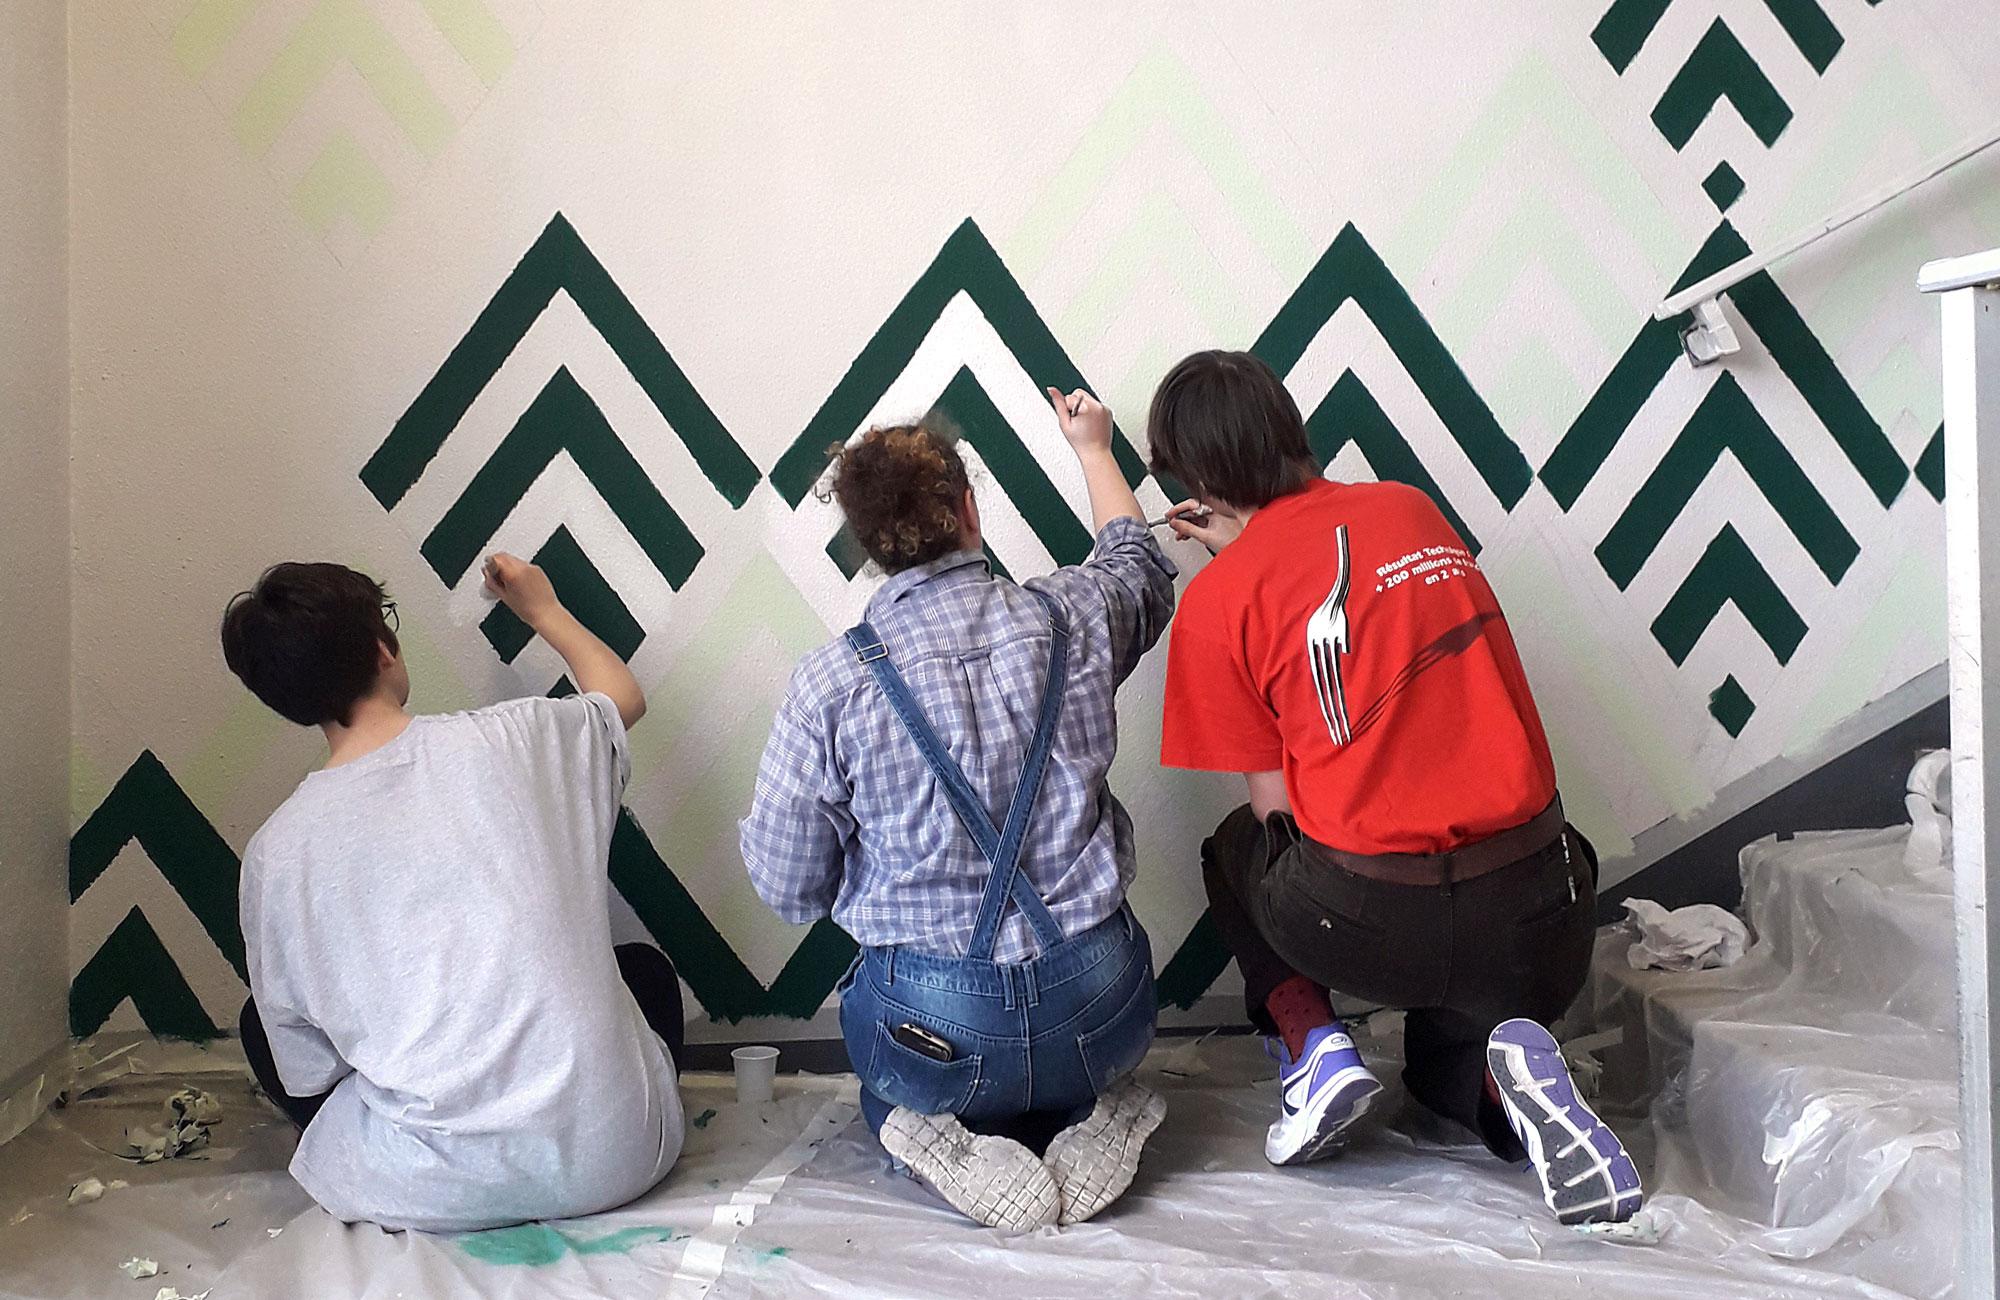 Trois étudiantes peignent des formes géométriques sur un mur